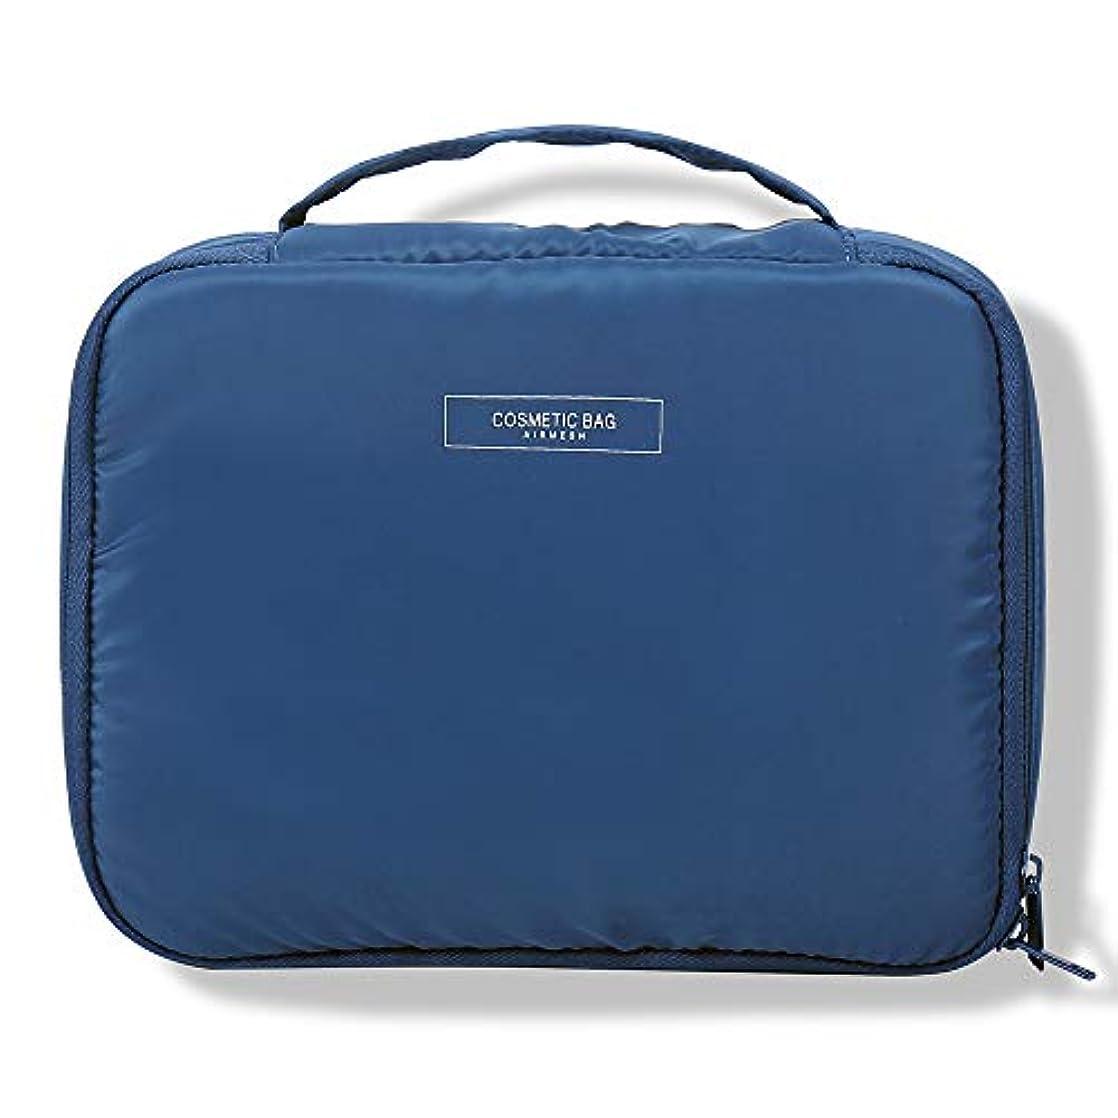 すぐに愛情深い毛布メイクボックス 高品質 機能的 大容量 化粧ポーチ メイクブラシバッグ 収納ケース スーツケース?トラベルバッグ 化粧 バッグ メイクブラシ 化粧道具 小物入れ 旅行 ネビー